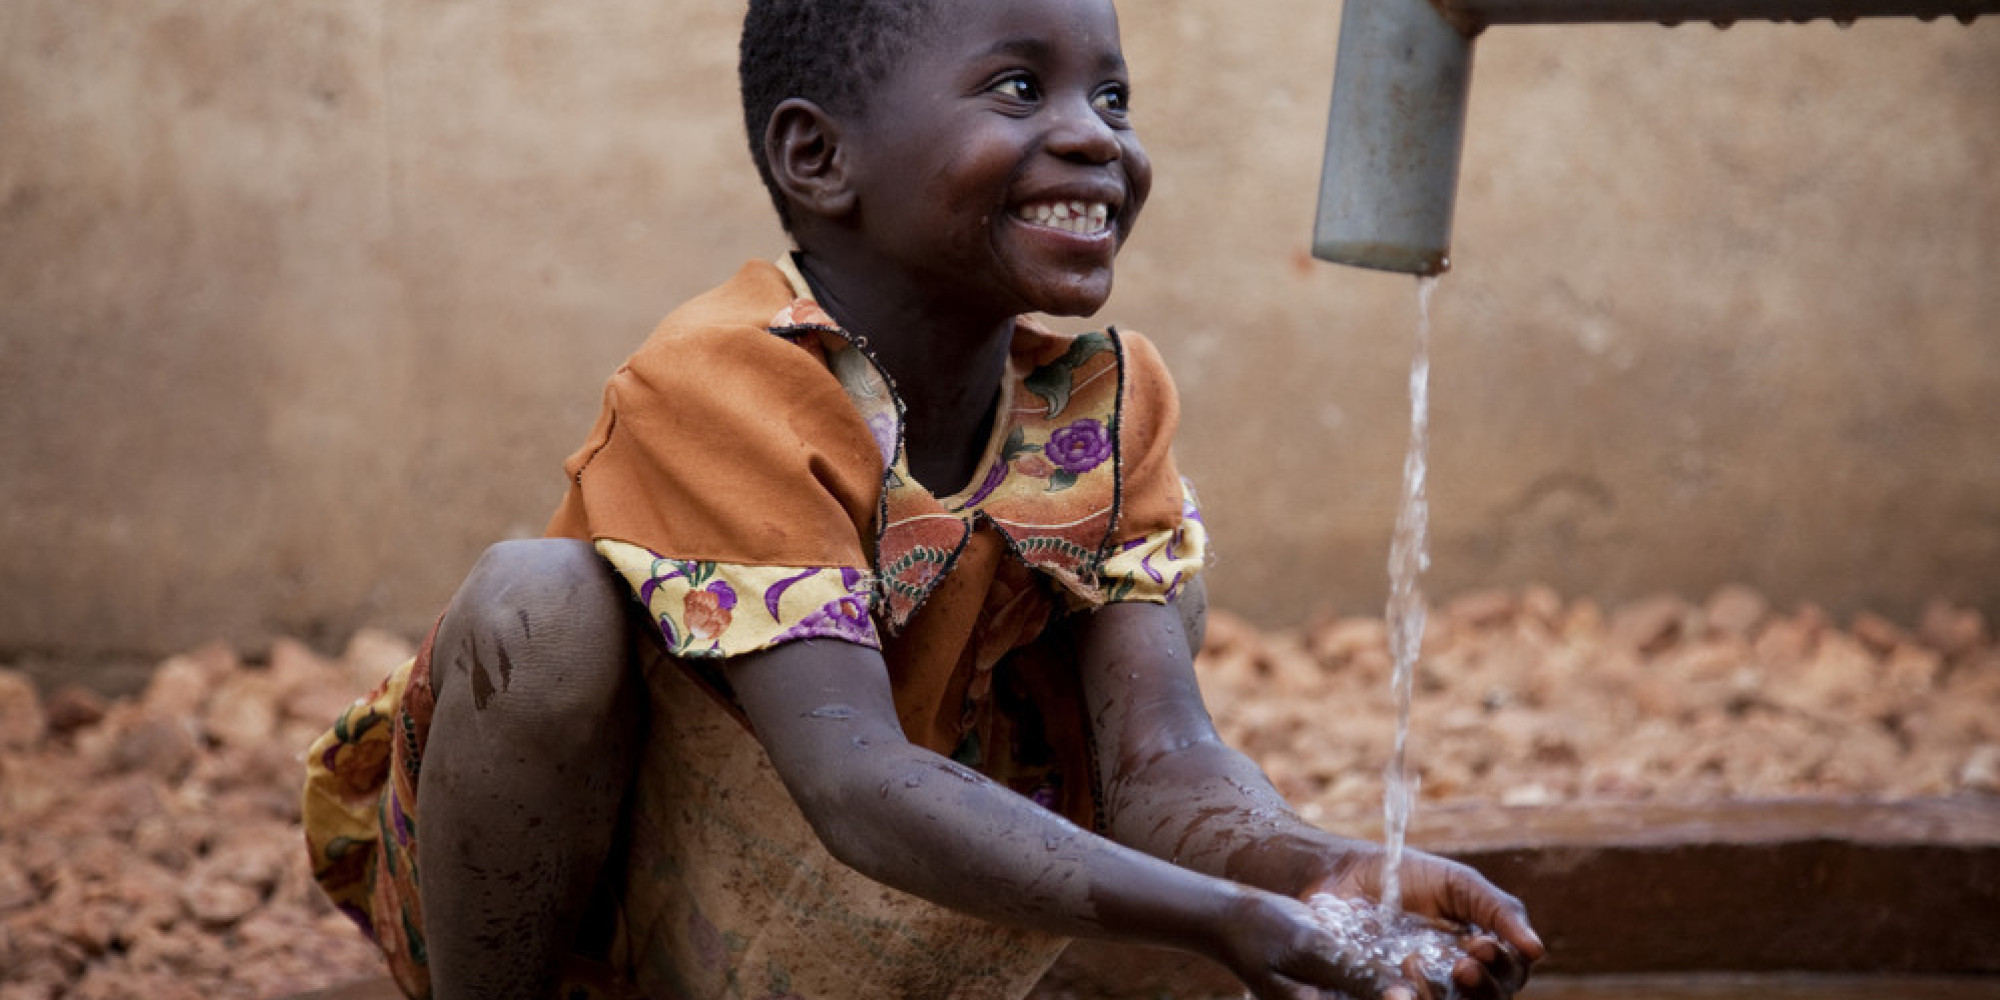 Those Eyes, young Zambian girl relaxing part way through